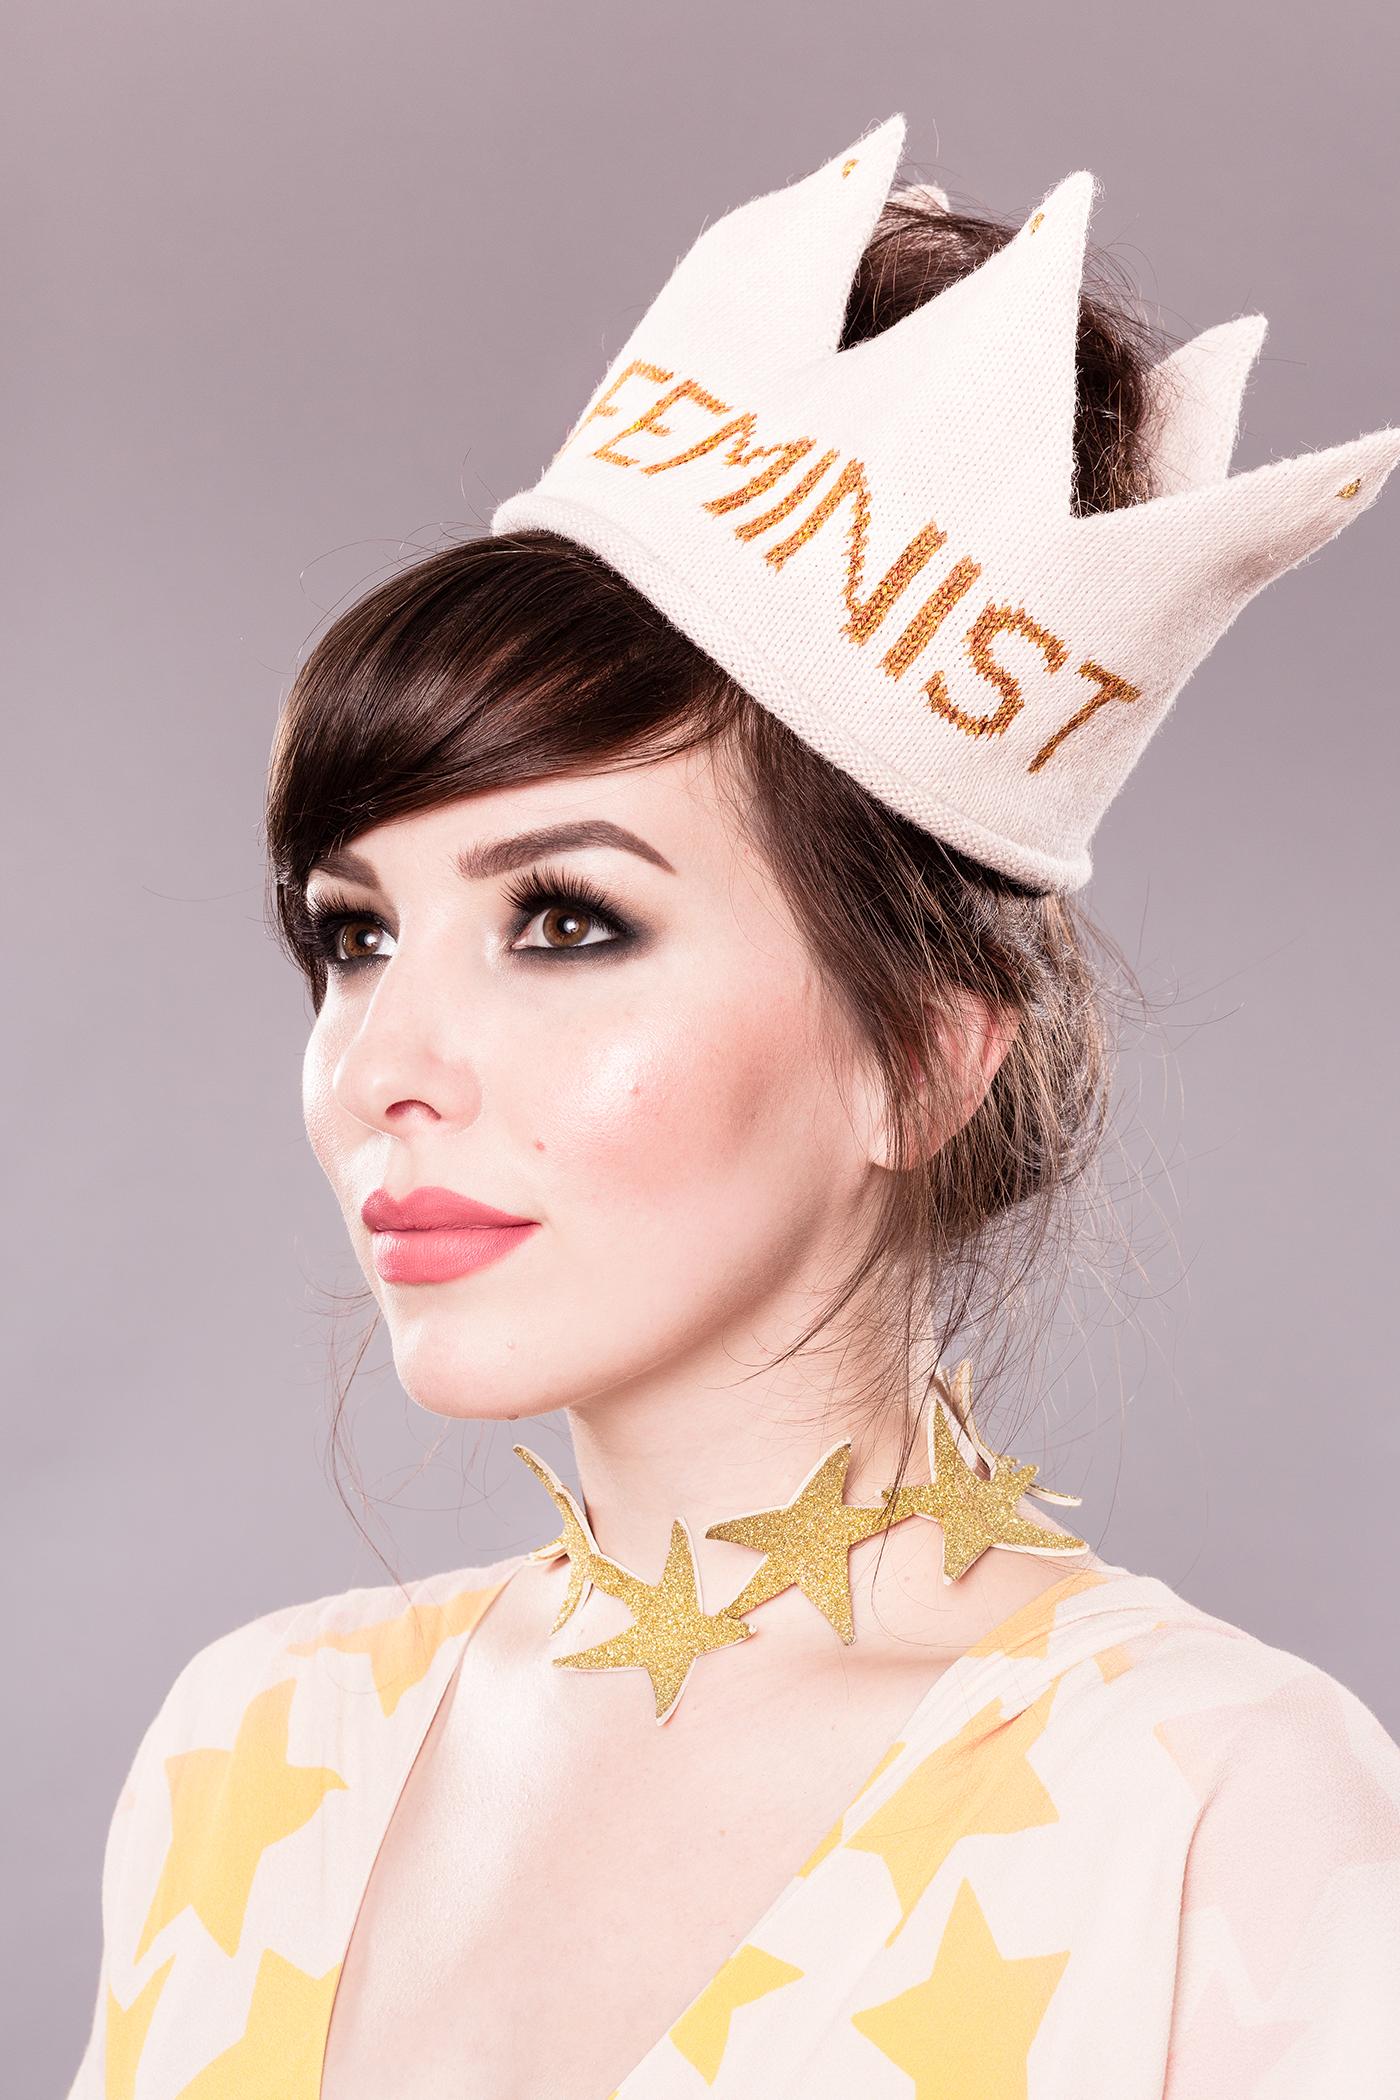 Oeuf Feminist Crown, Keiko Lynn